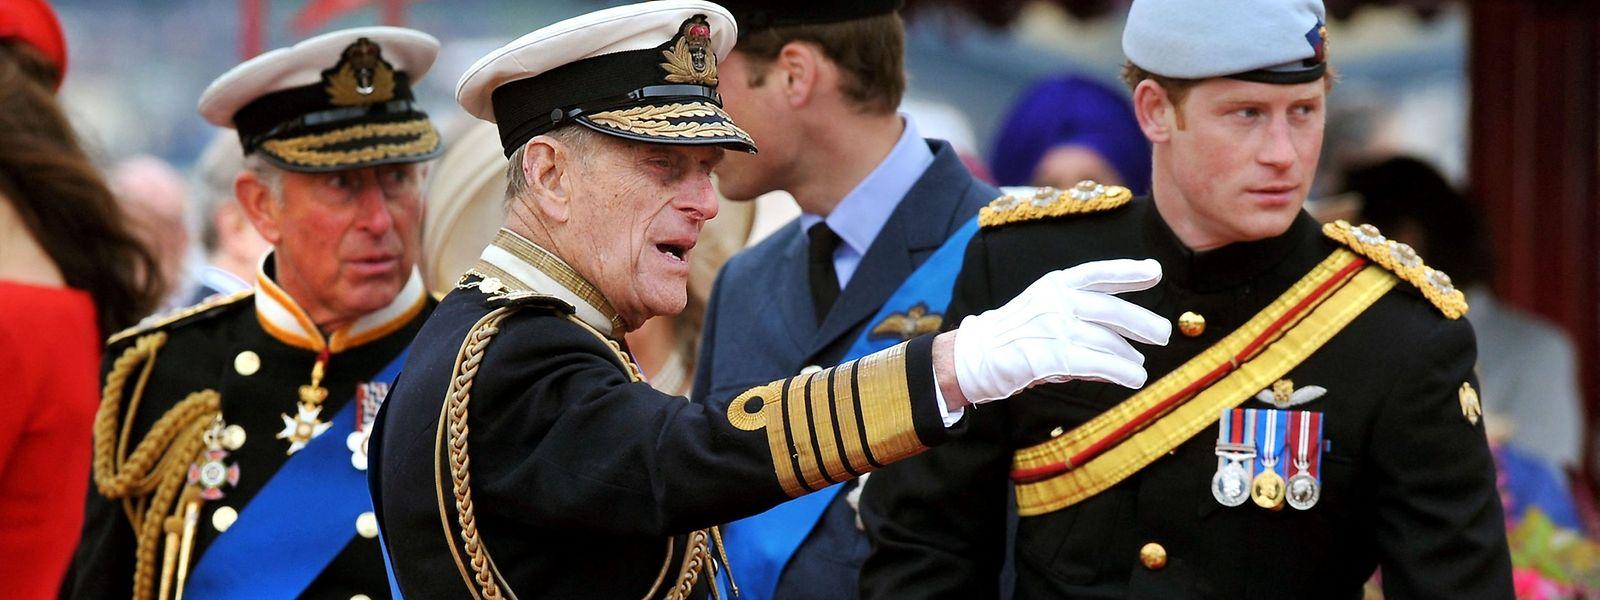 Prinz Harry im Jahr 2012 mit seinem Großvater Prinz Philip anlässlich der Feierlichkeiten zum diamantenen Thronjubiläum von Königin Elizabeth.